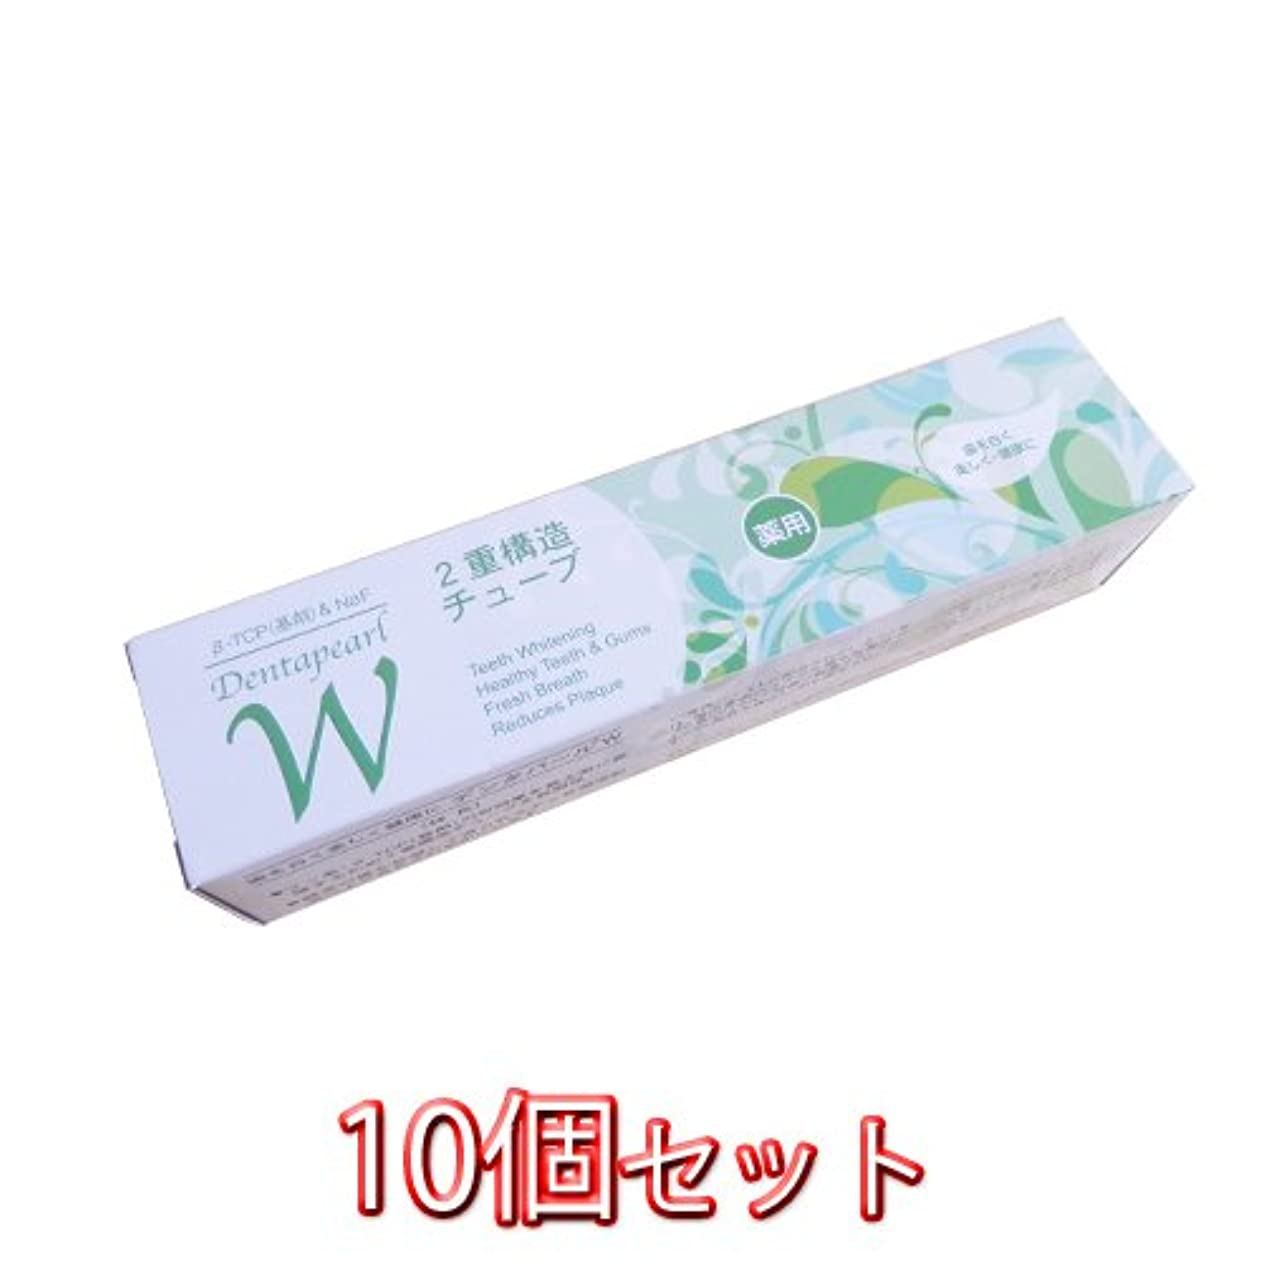 ハードリング細菌品三宝製薬株式会社 デンタパールW 108g×10本 医薬部外品